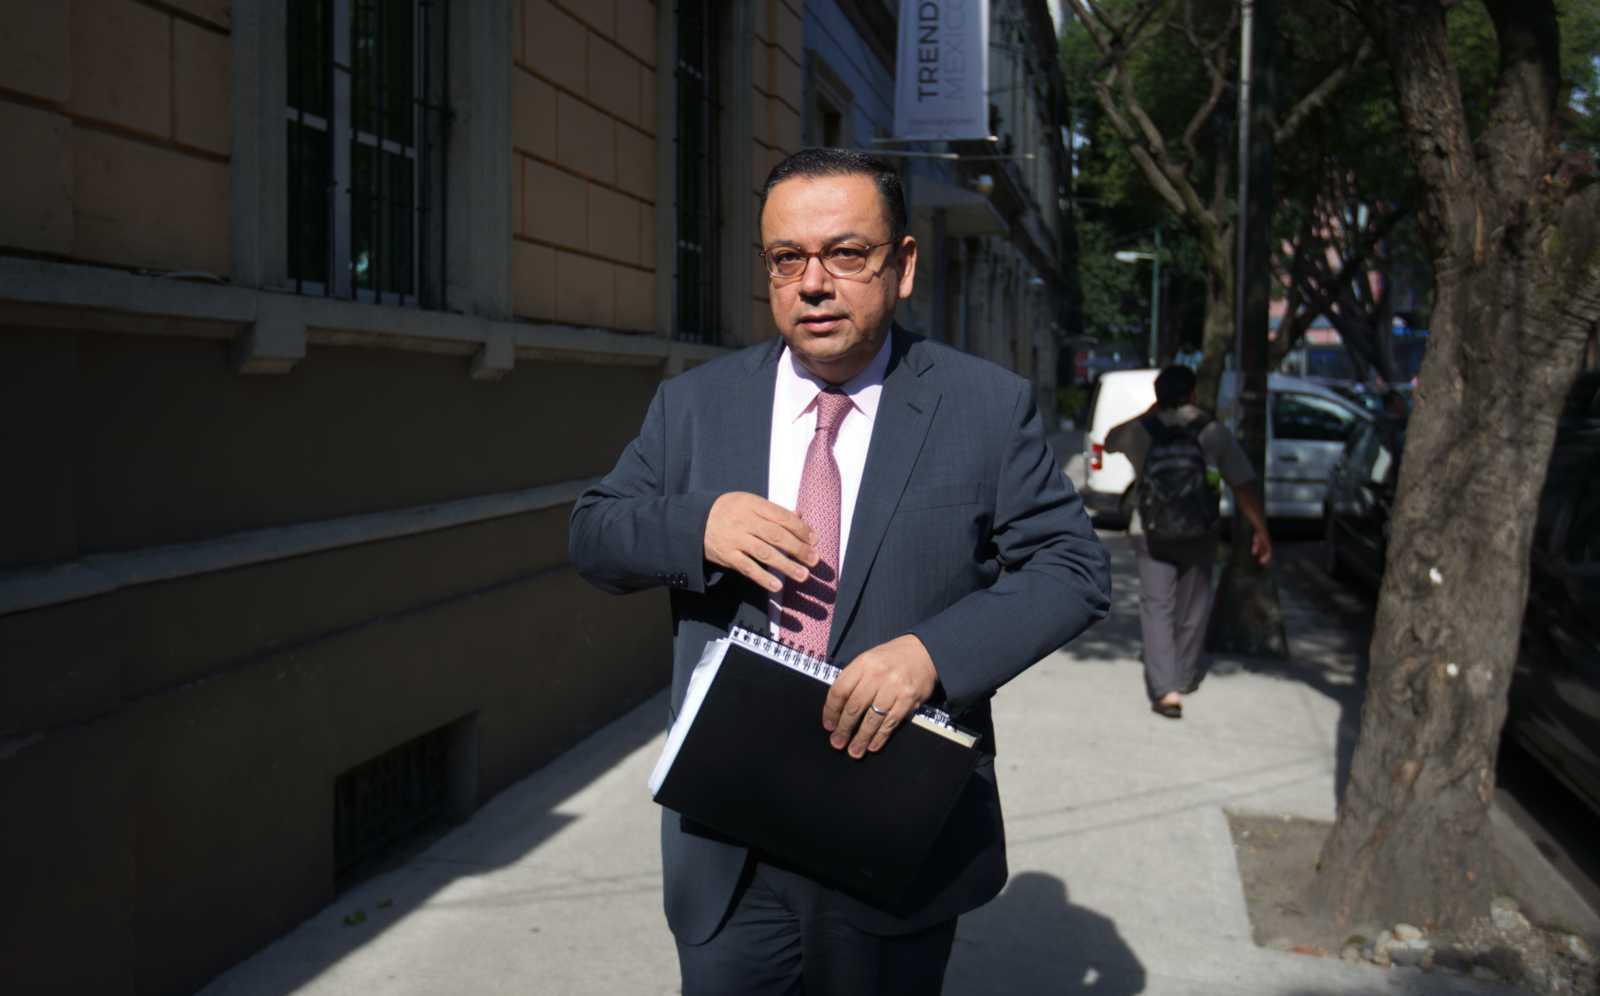 Senado citará a secretario de Hacienda por renuncia de Germán Martínez